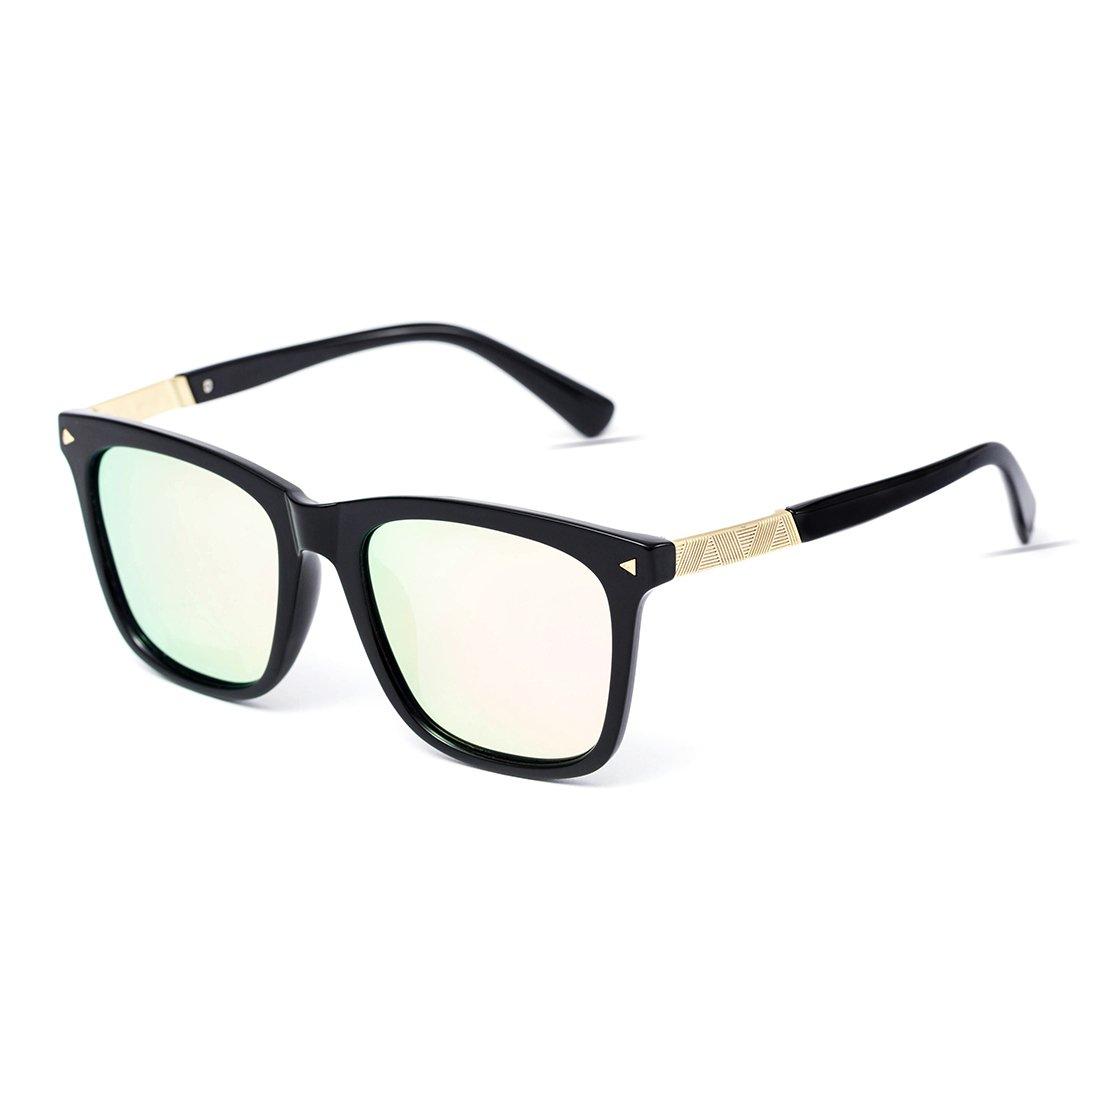 f929553baa MT gato MIT anteojos de sol anteojos polarizadas con lente espejo de espejo  para gato con protección UV400 Rosado b32af96 - bellatoneskin.review